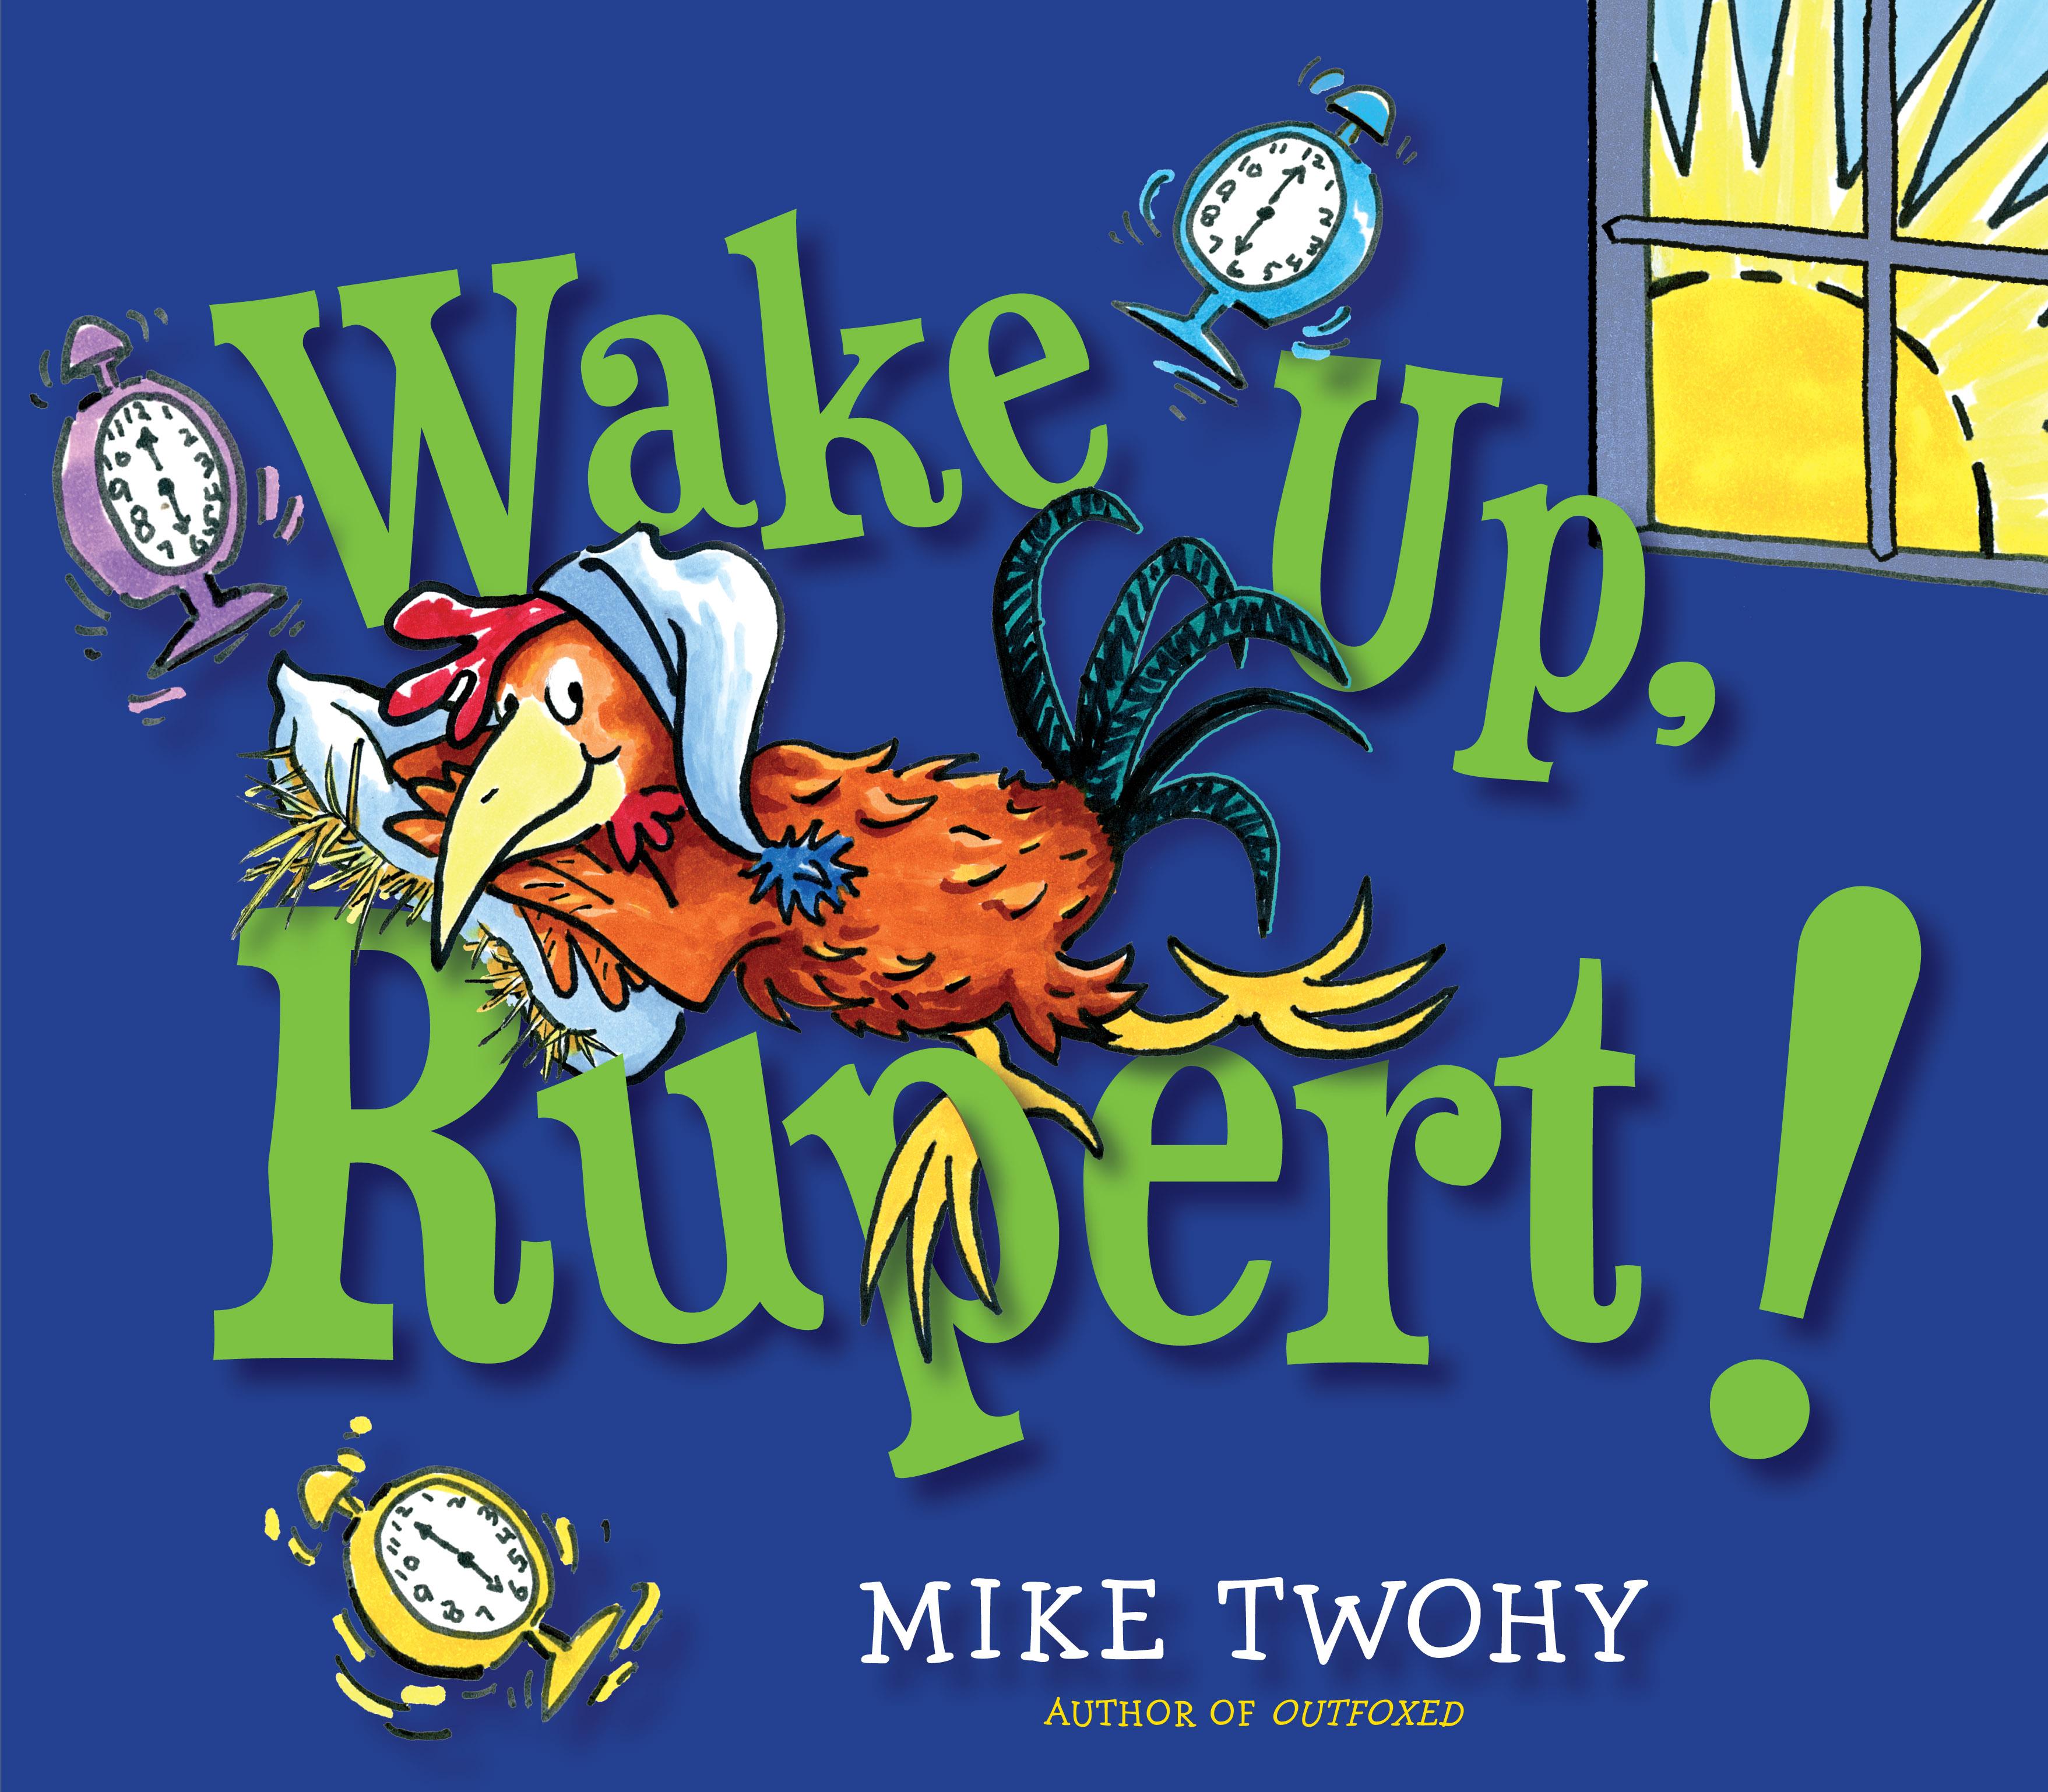 Wake up rupert! 9781442459984 hr